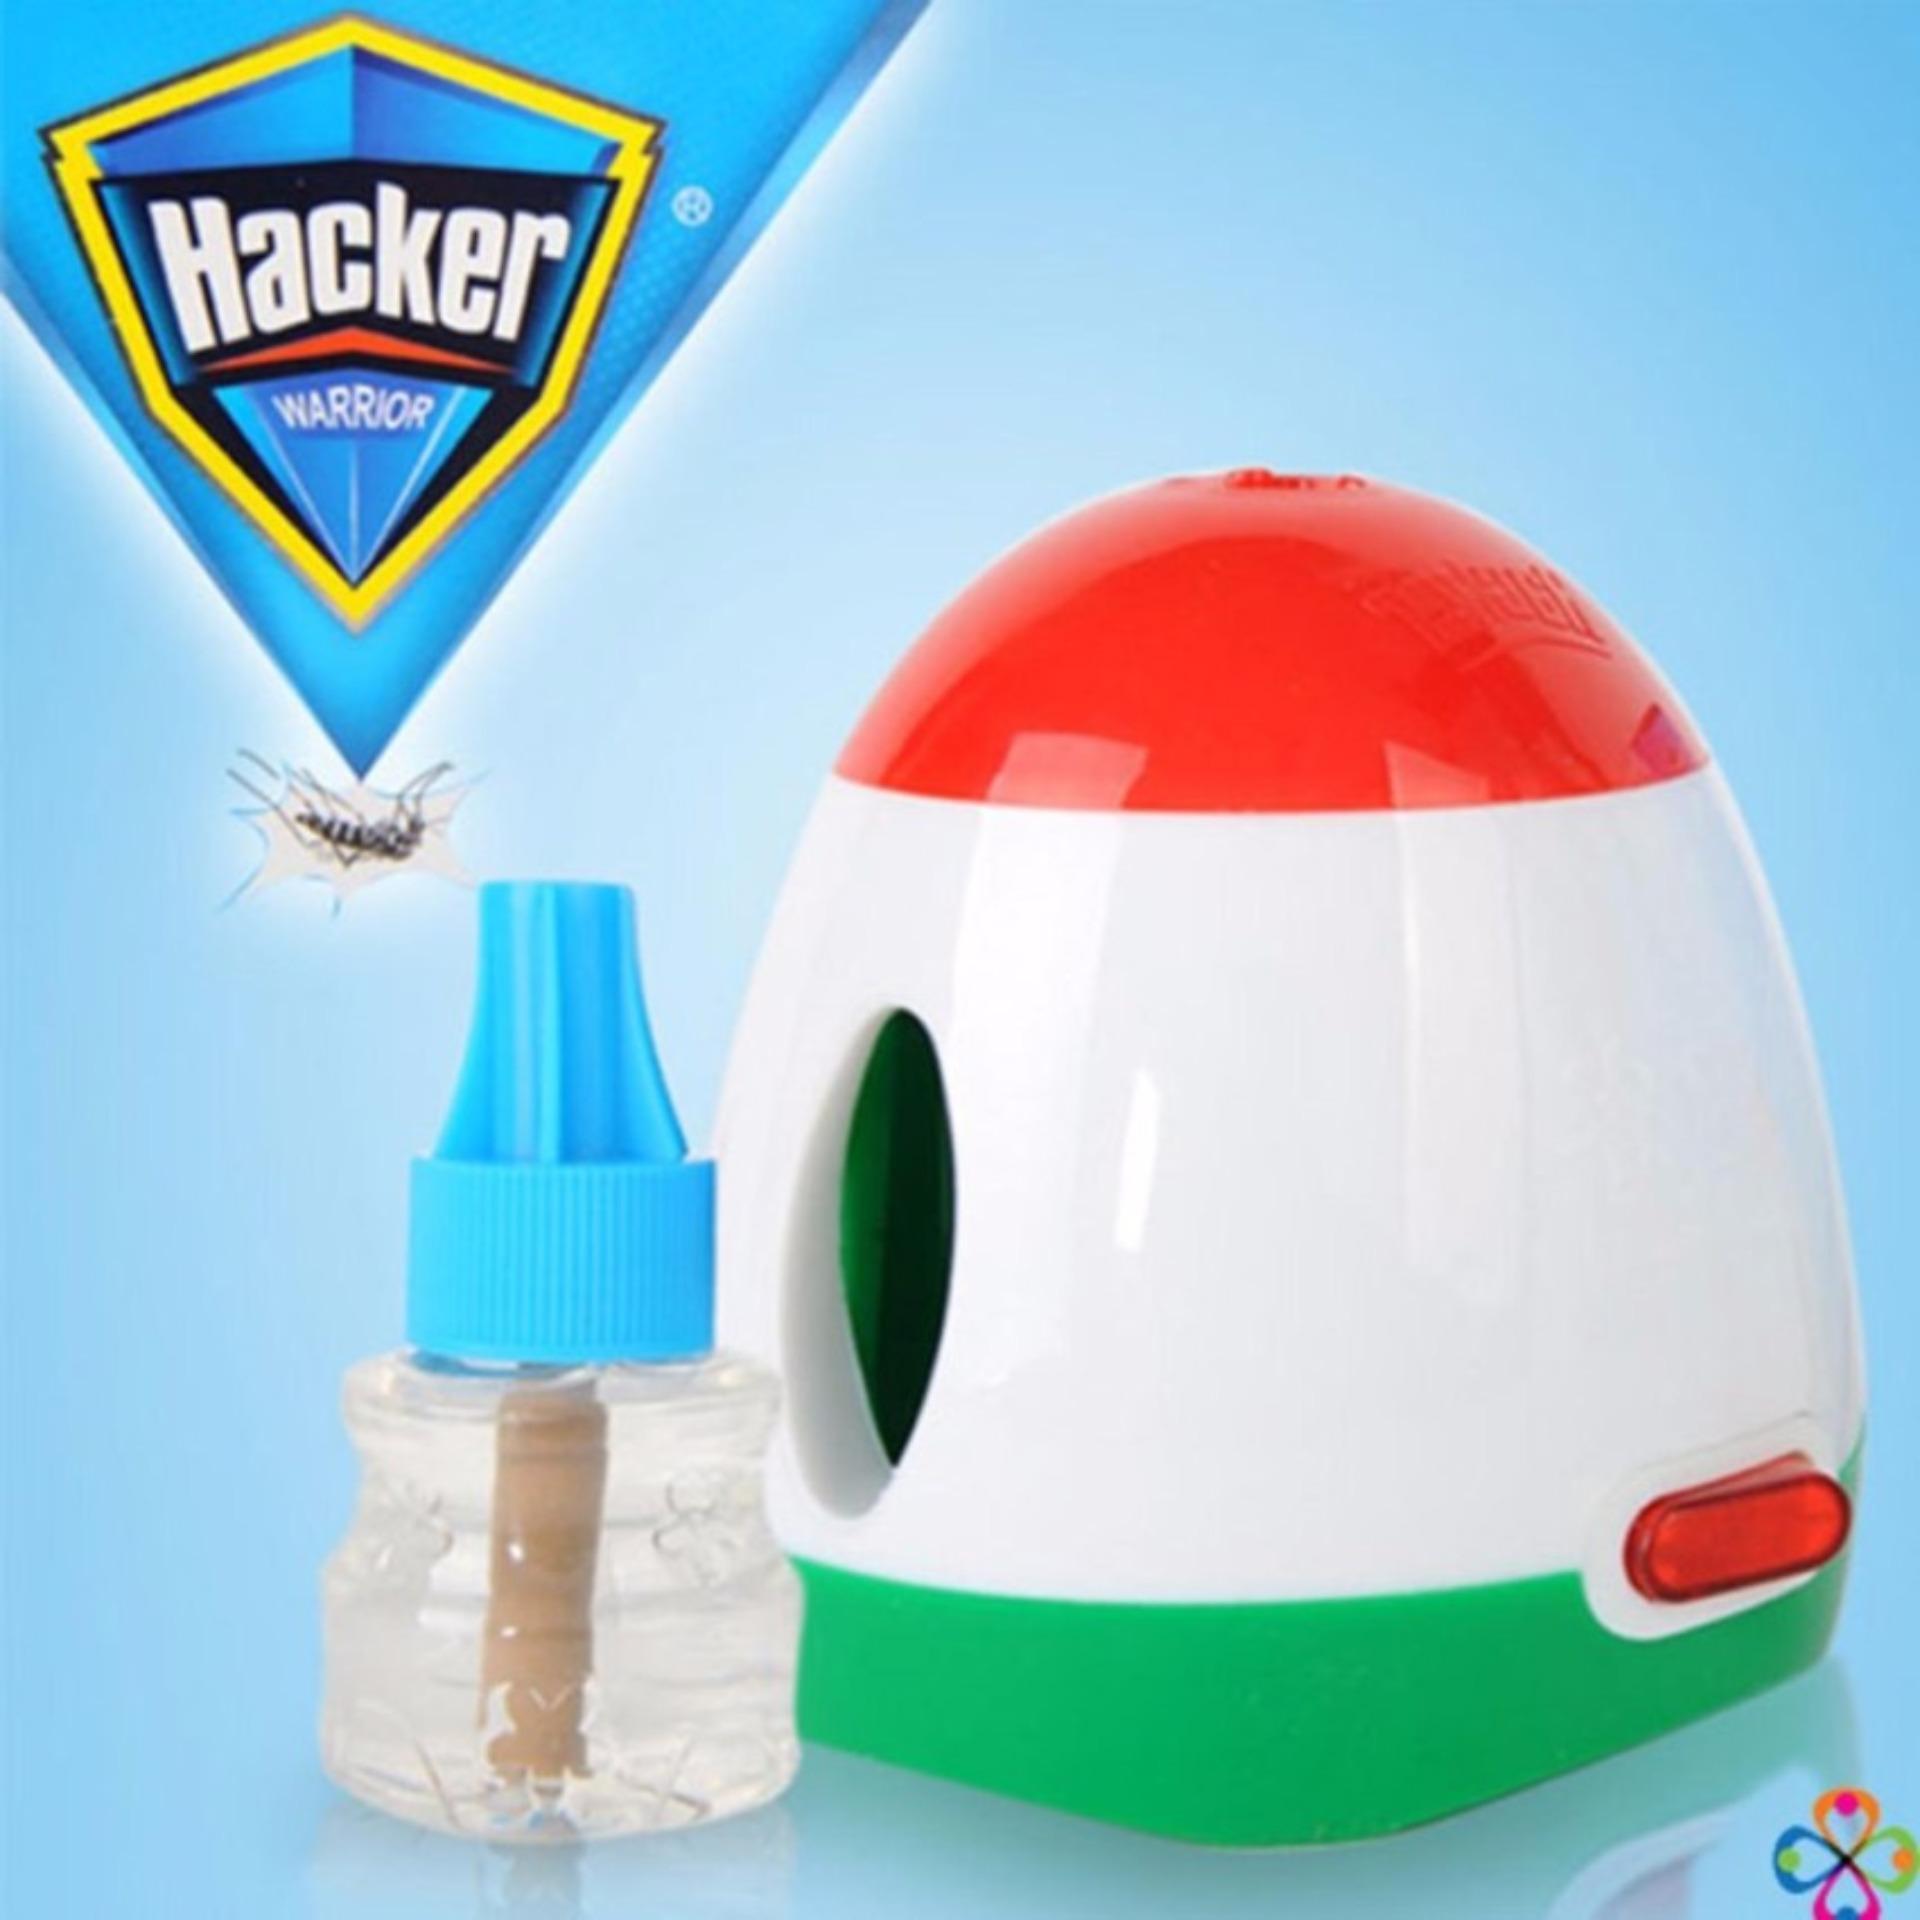 Máy Đuổi Muỗi Xông Tinh Dầu Hacker